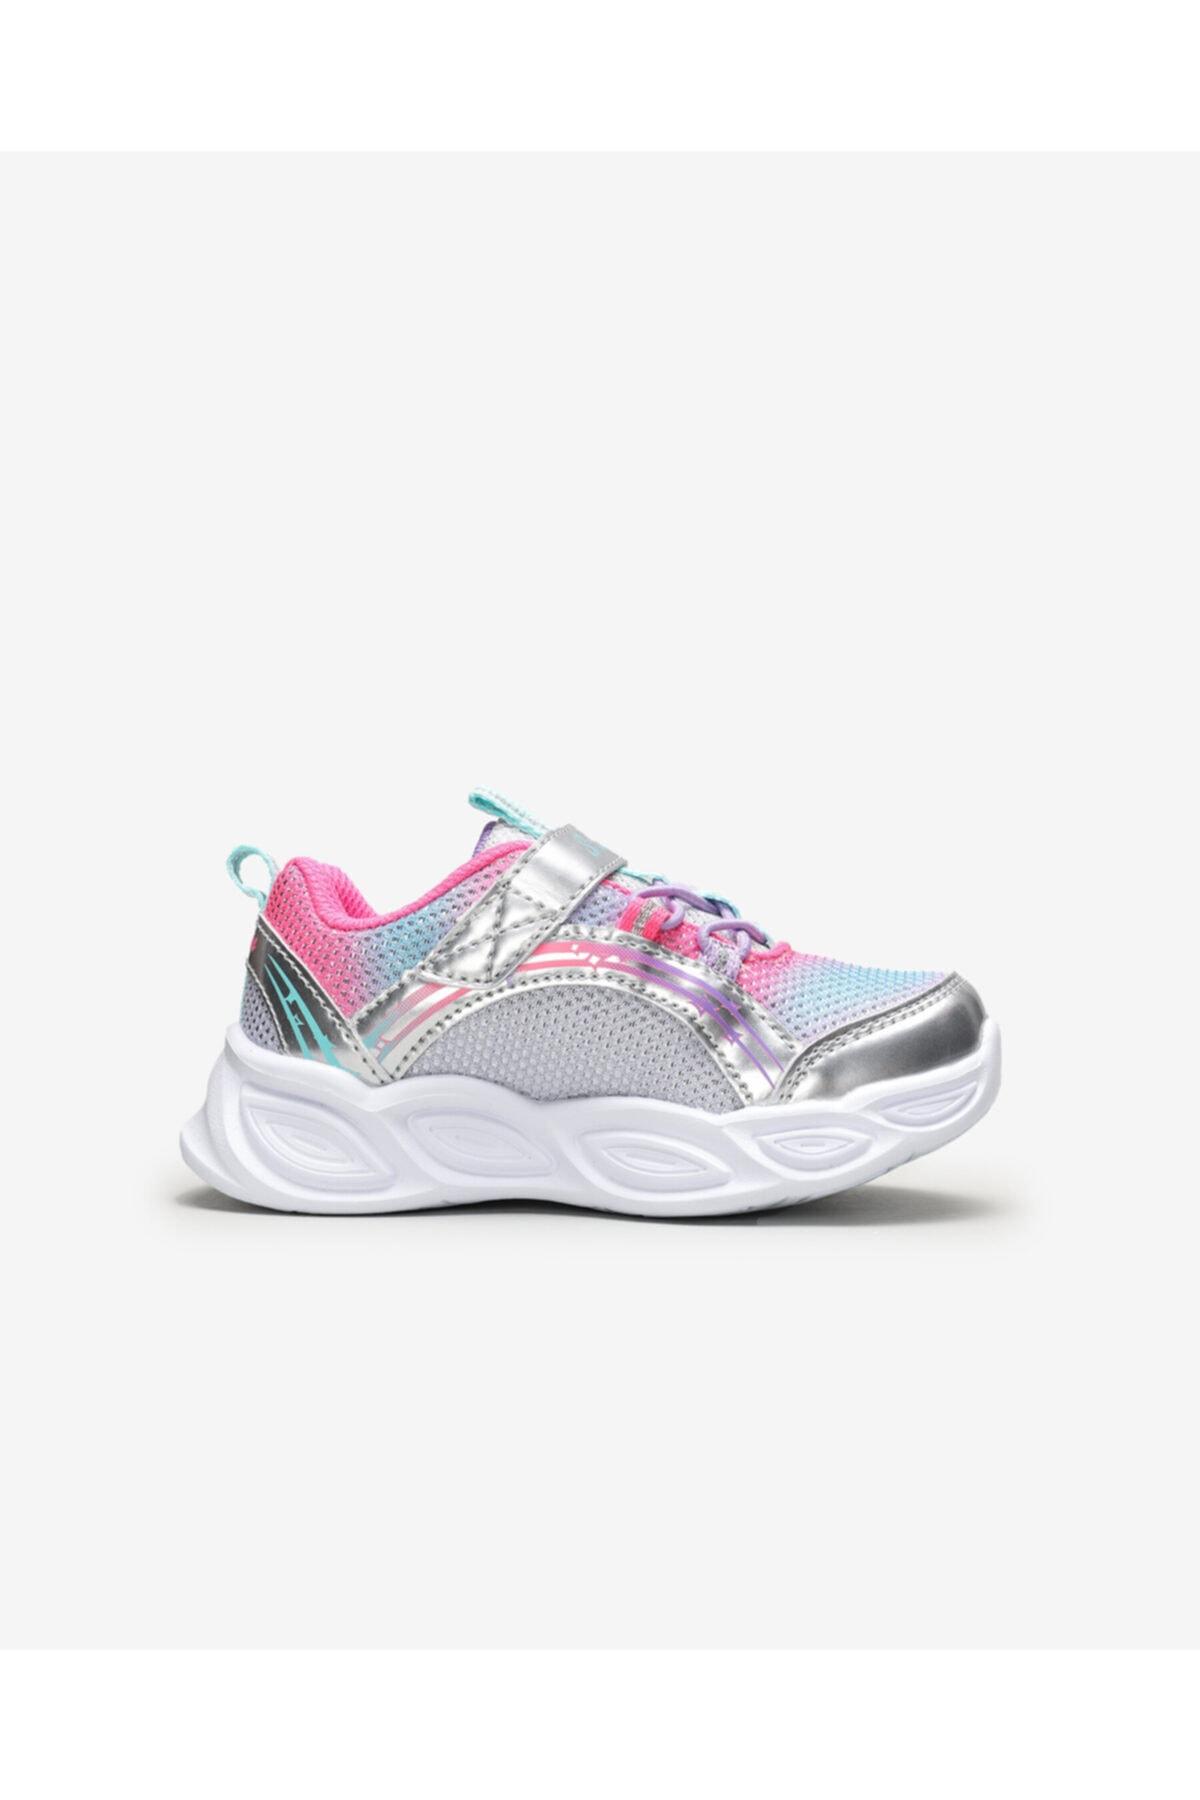 SKECHERS SHIMMER BEAMS - Küçük Kız Çocuk Gri Spor Ayakkabı 2